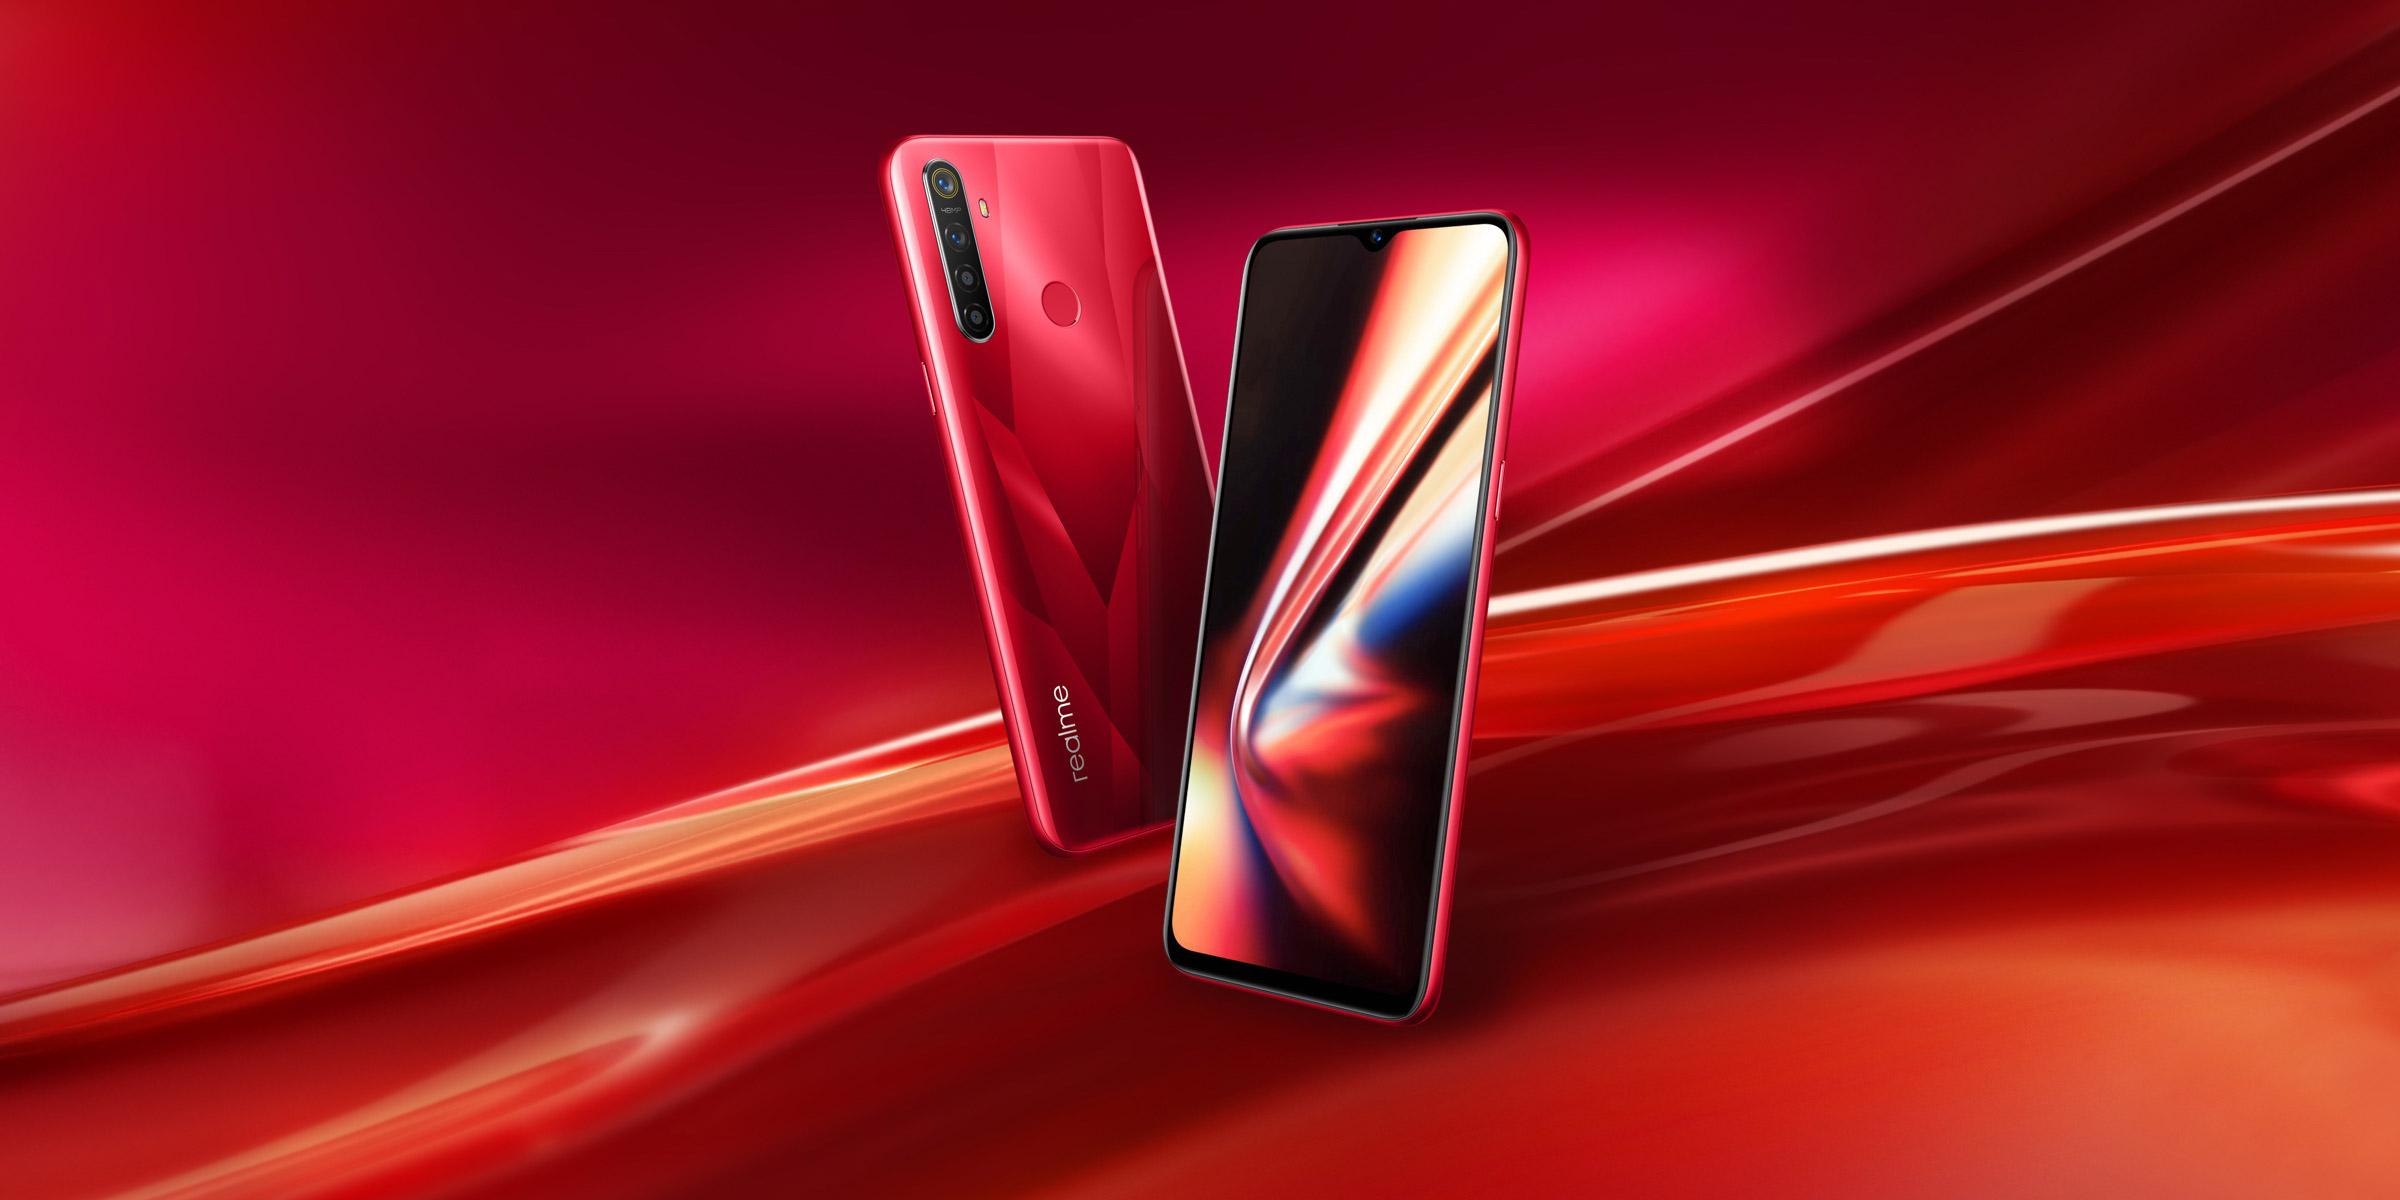 Spesifikasi Hp Realme 5s RAM 4GB Baterai 5000mAh android gaming smartphone termurah terbaru 2019